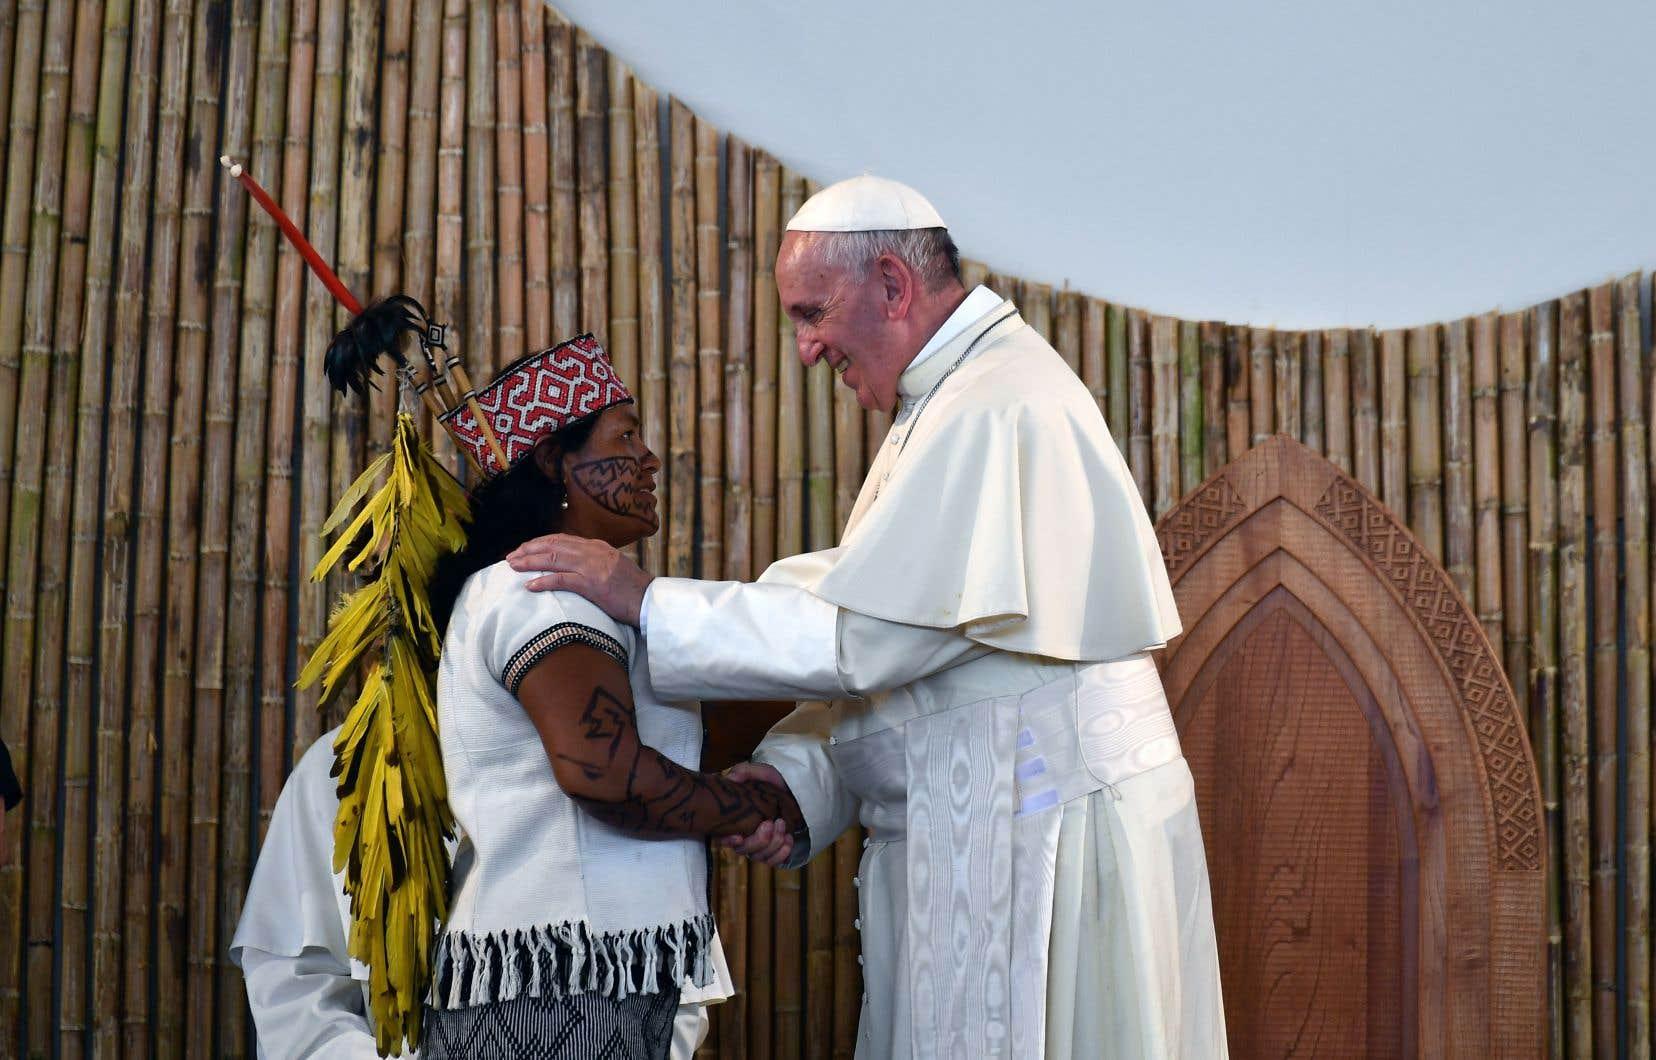 Après avoir écouté les discours de plusieurs indigènes racontant les menaces pesant sur leurs terres, le pape François a pris la parole pour dénoncer les violences dont ces derniers sont victimes.